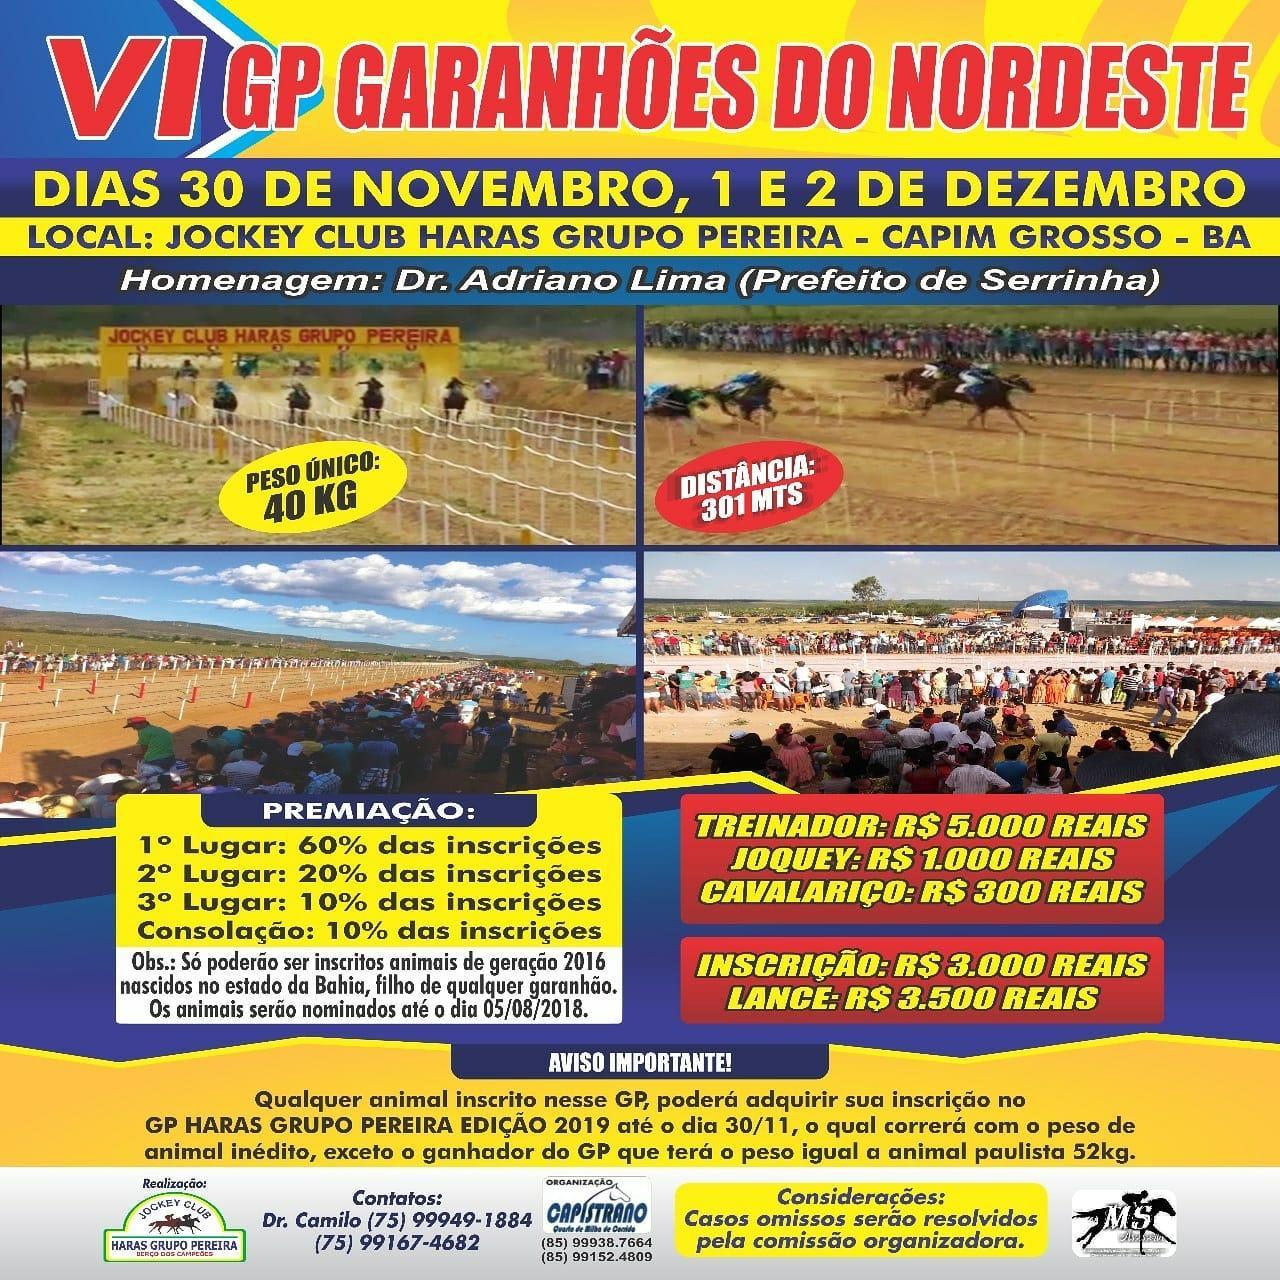 VI GP GARANHÕES DO NORDESTE